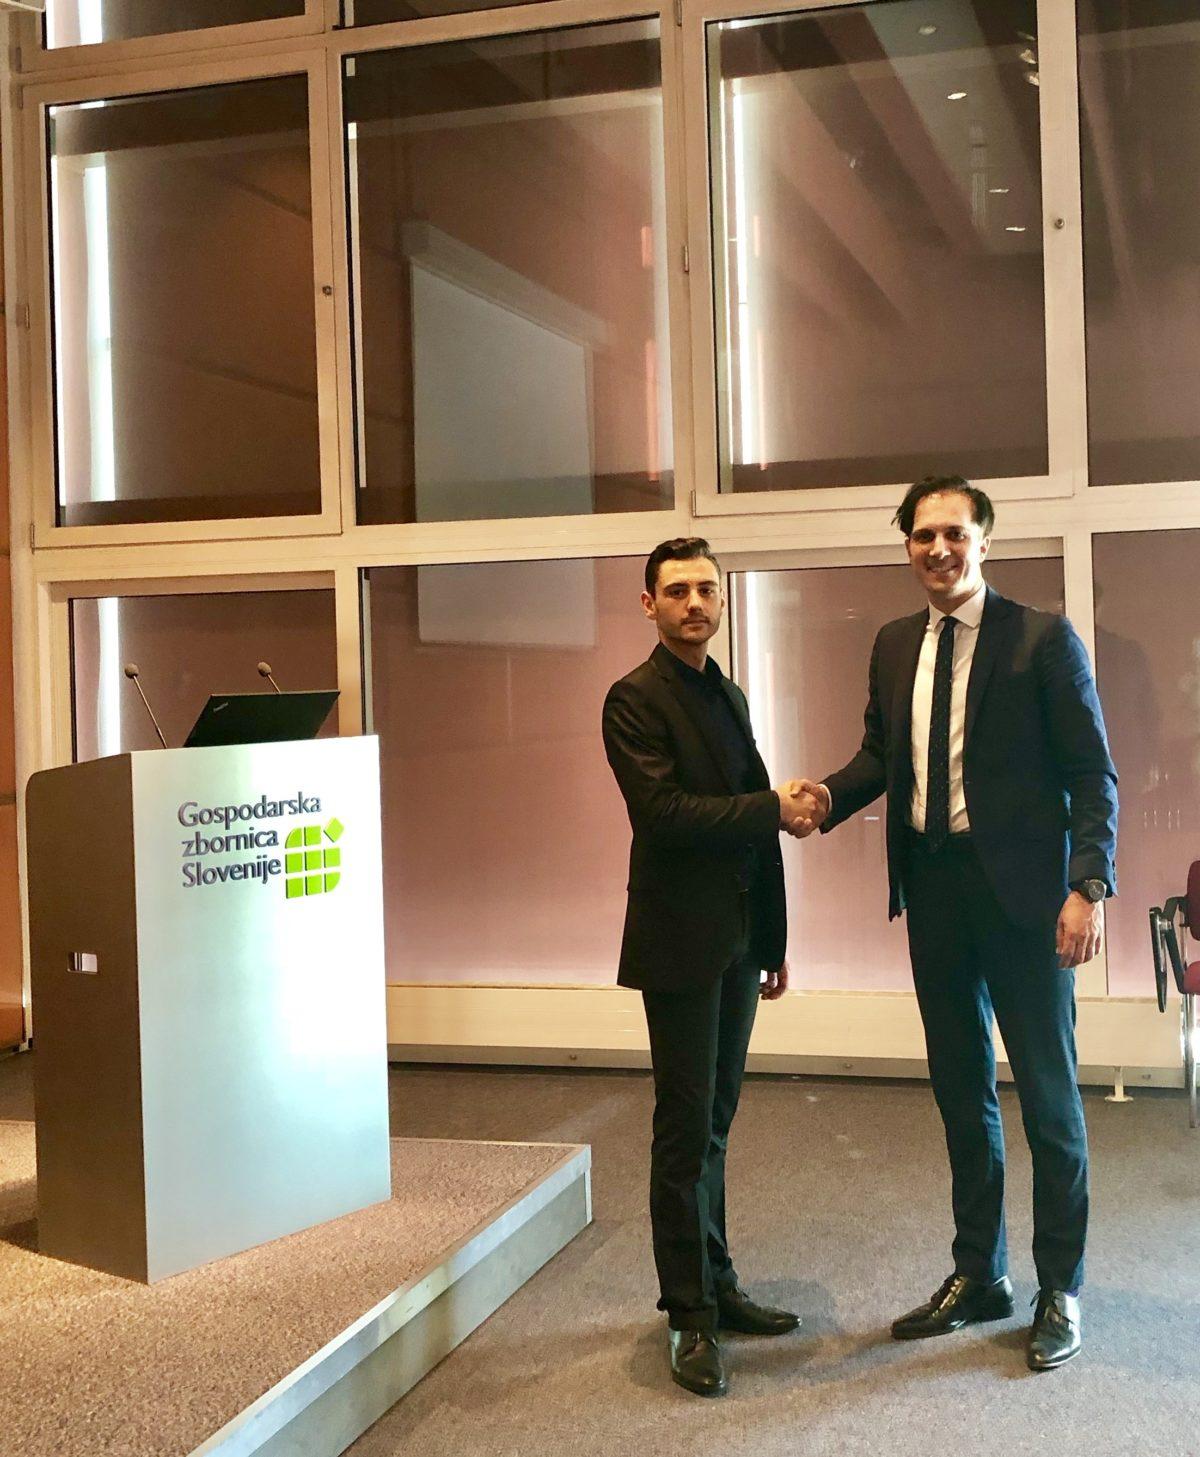 NM advokati dogovorili saradnju sa slovenačkim i italijanskim firmama